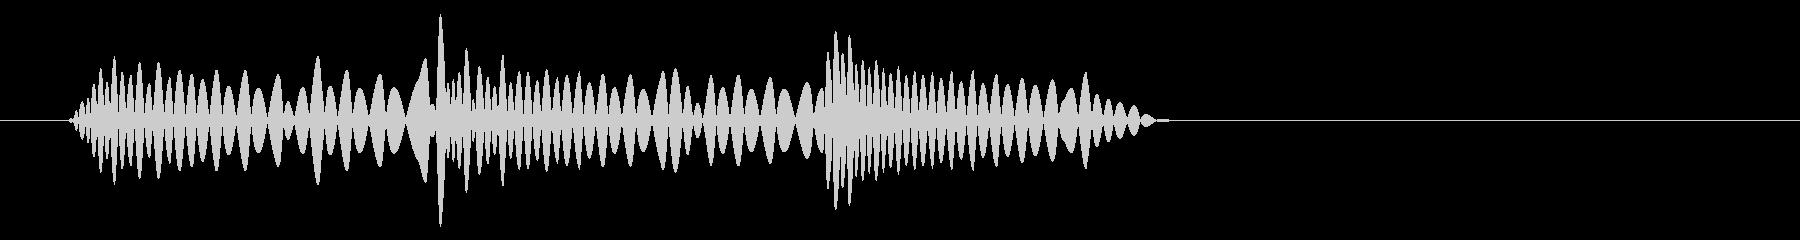 急に止まる時のイメージ音の未再生の波形